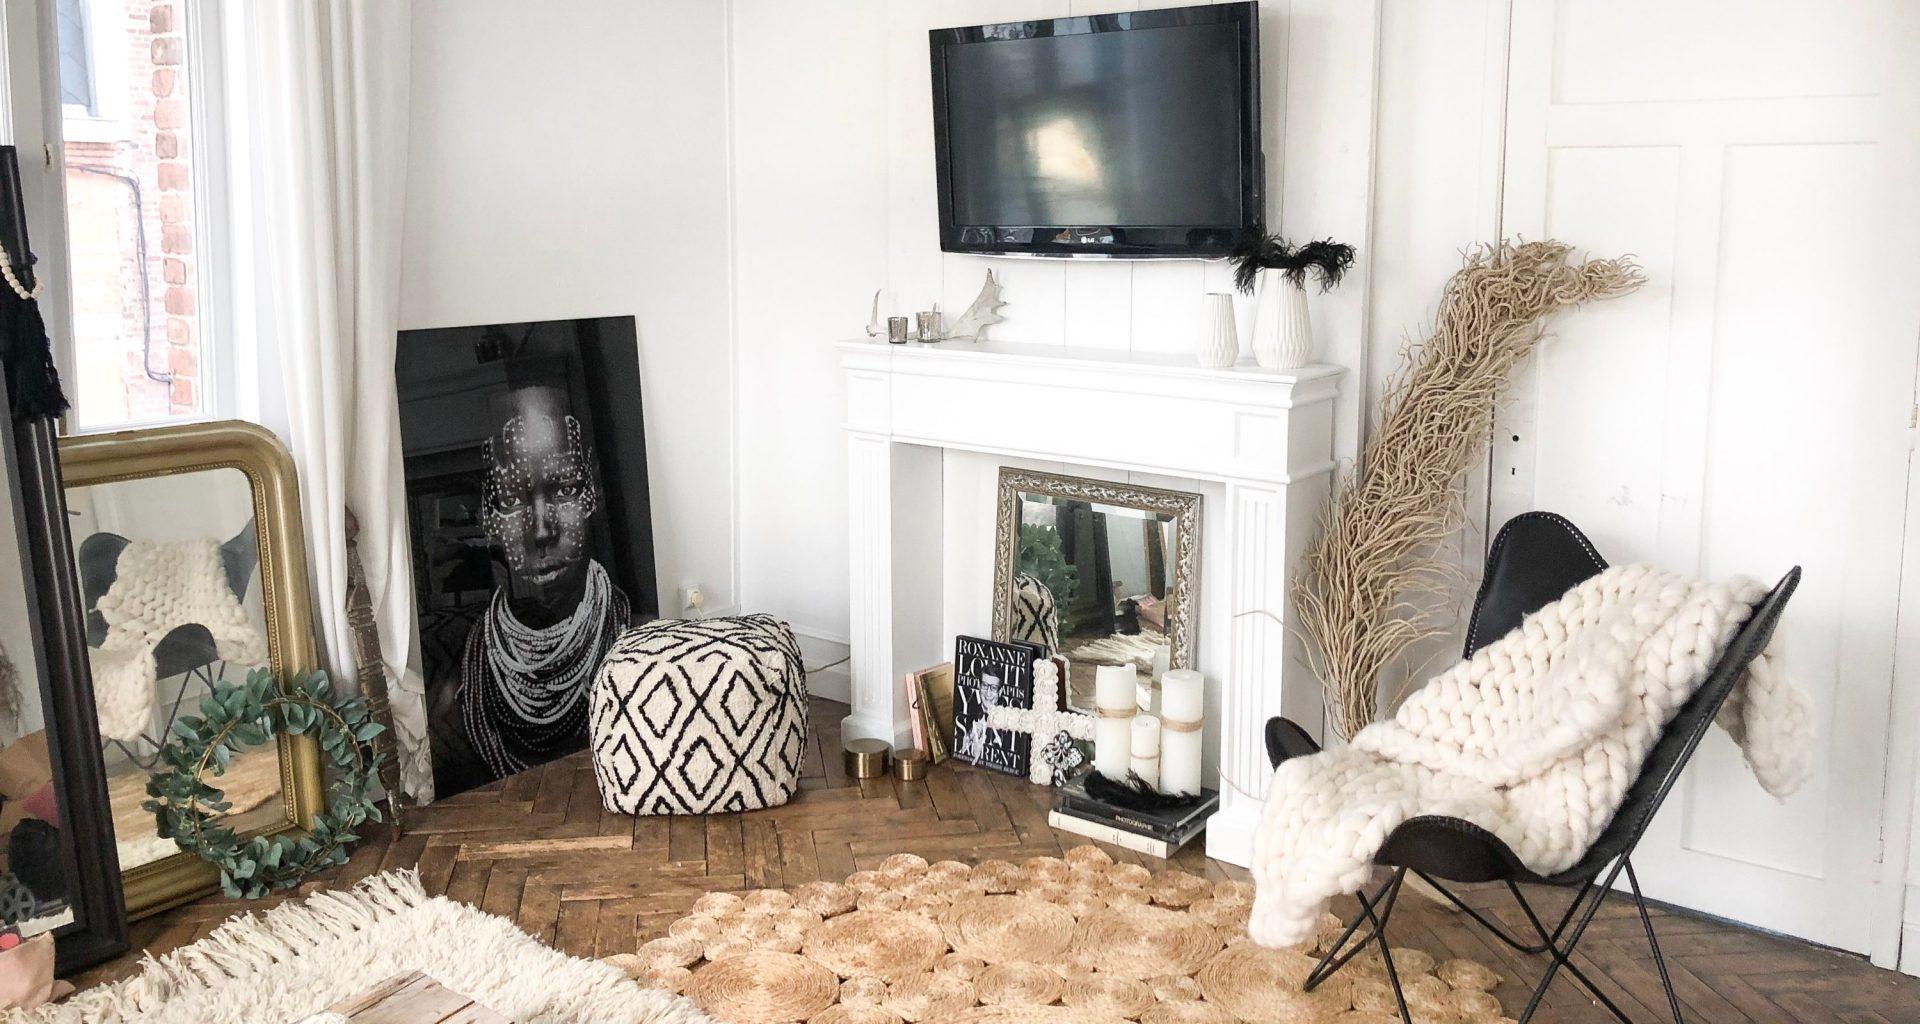 A Quelle Hauteur Mettre Une Tele Au Mur comment décorer son manteau de cheminée + diy coffrage